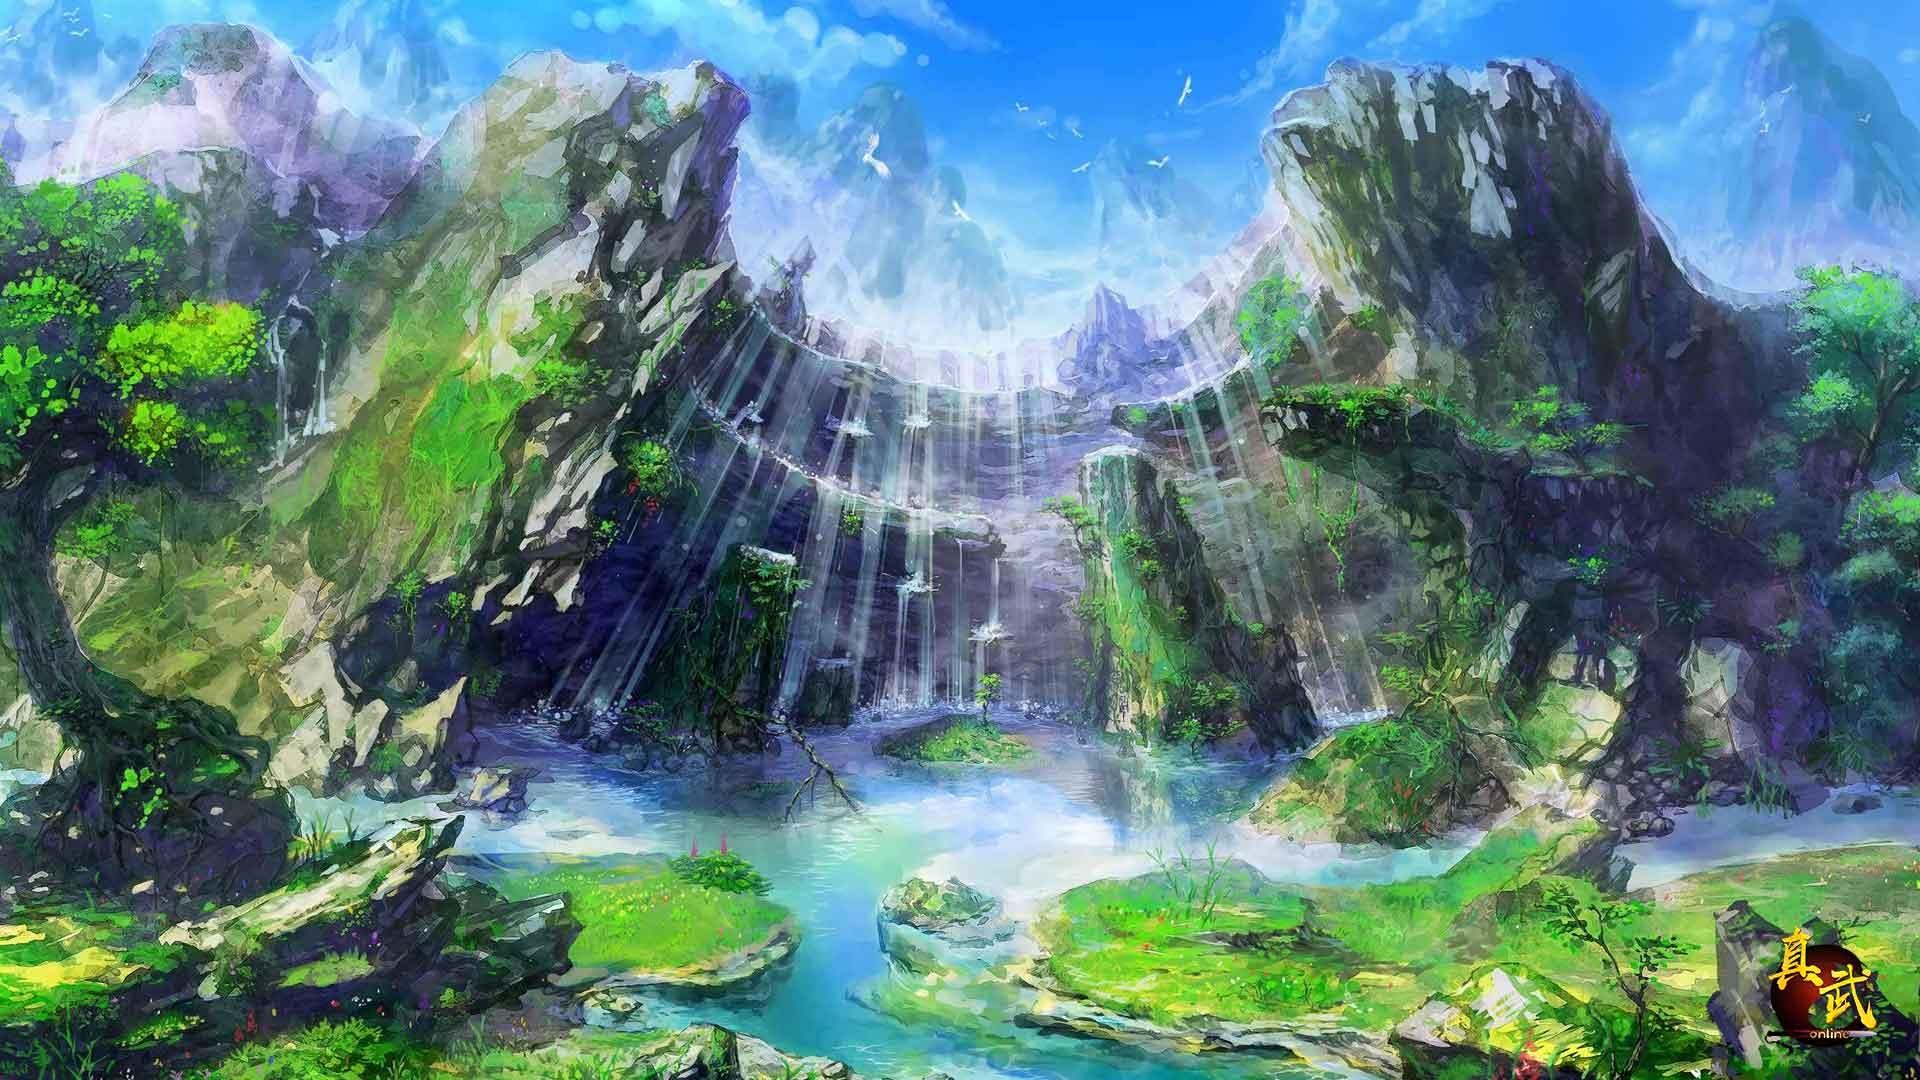 Fantasy Landsсape PC Wallpaper HD